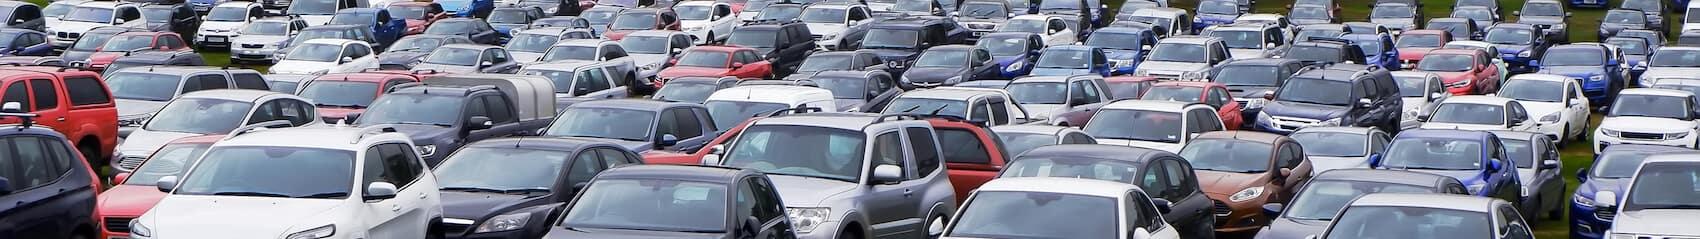 Used Car Dealer near Hockessin, DE